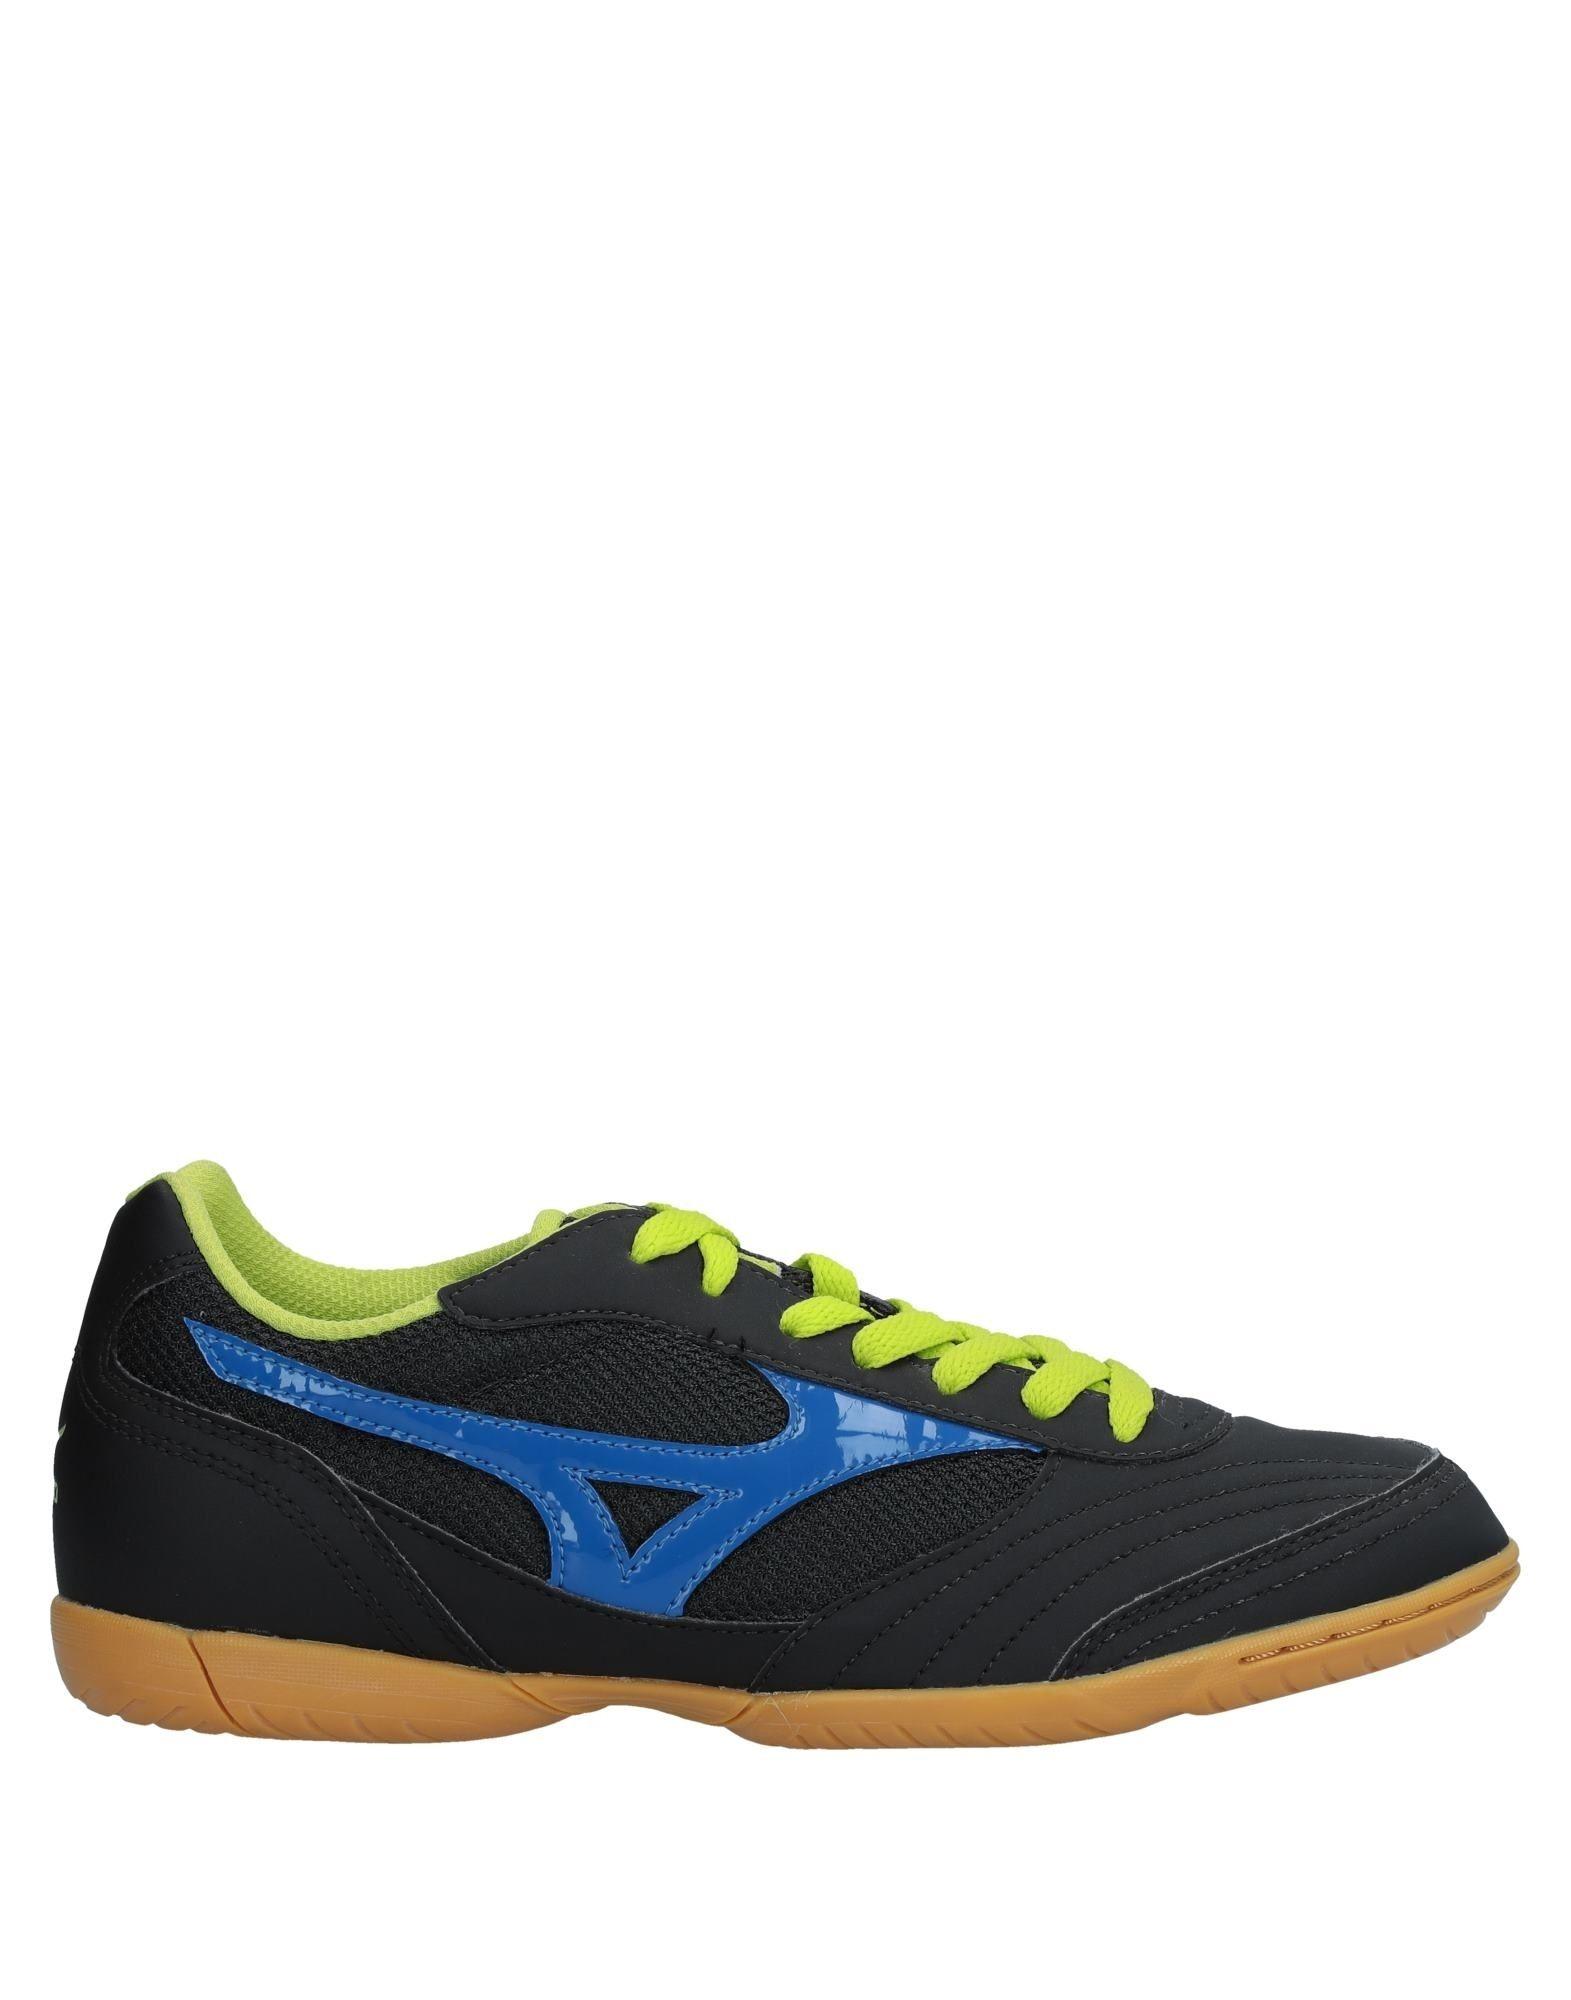 Rabatt echte Schuhe Mizuno Sneakers Herren  11541877LN